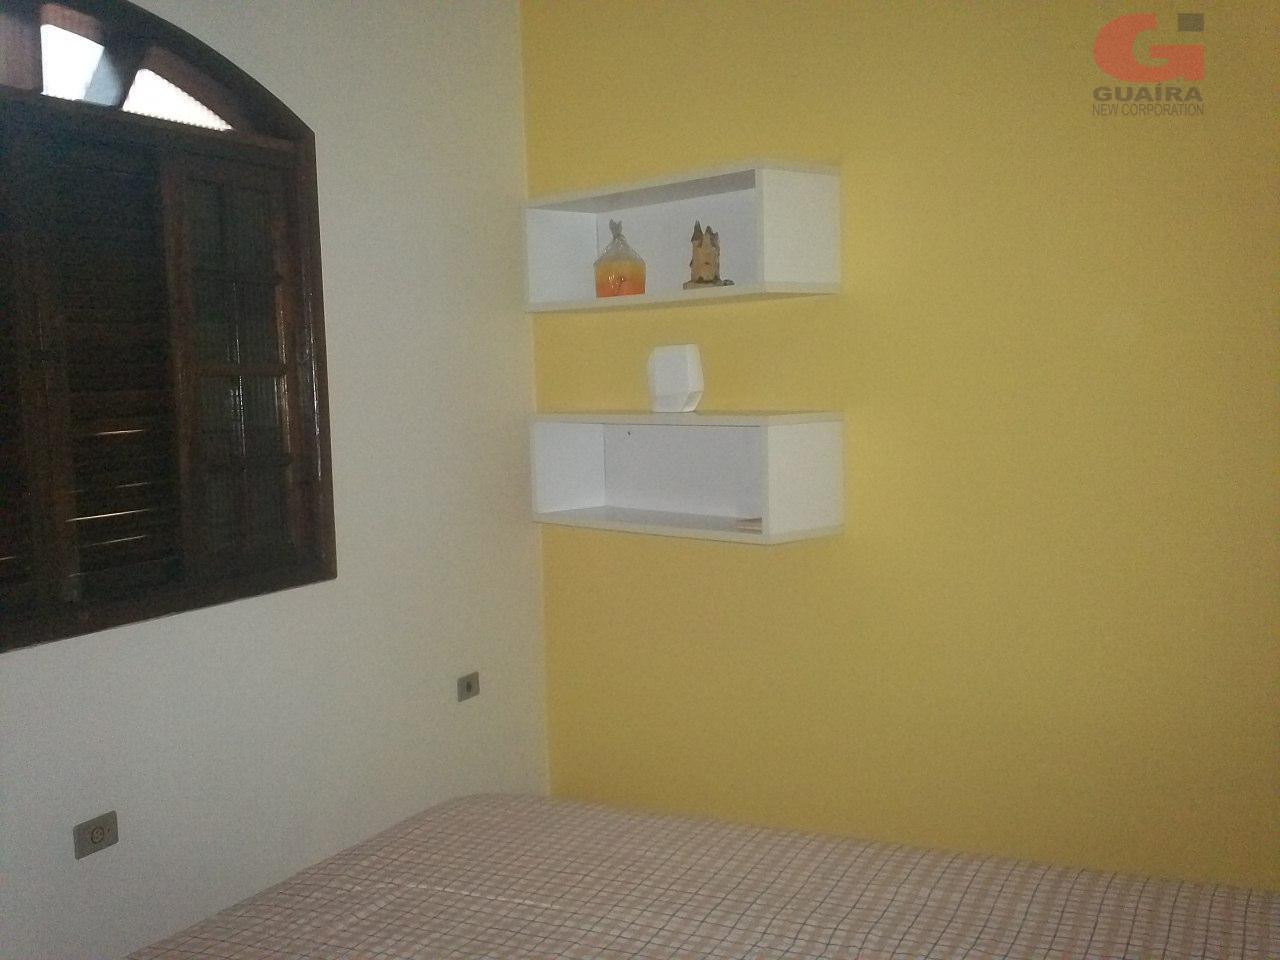 Sobrado de 3 dormitórios à venda em Parque Erasmo Assunção, Santo André - SP